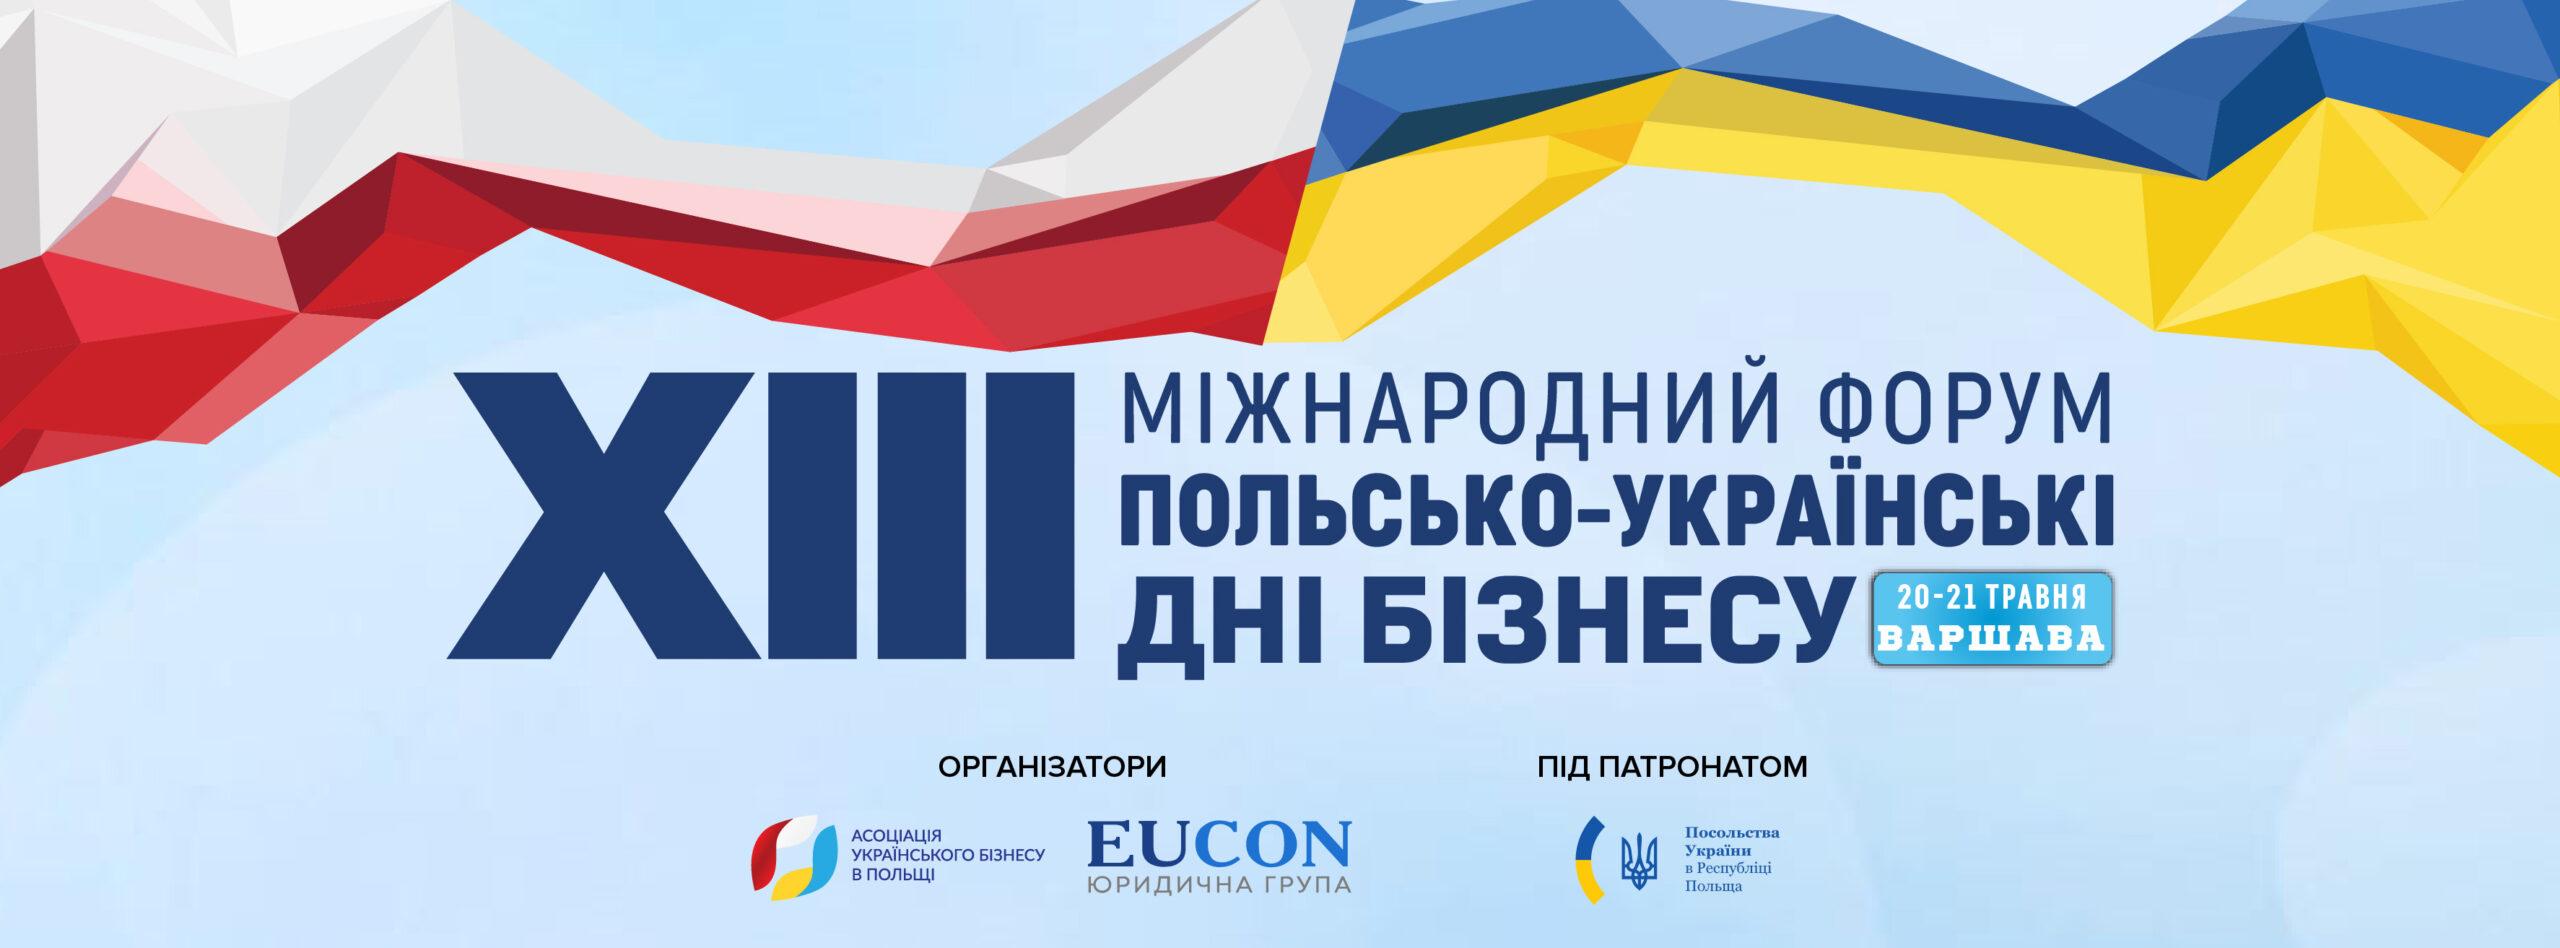 XIIІ Міжнародний форум «Польсько-українські дні бізнесу»